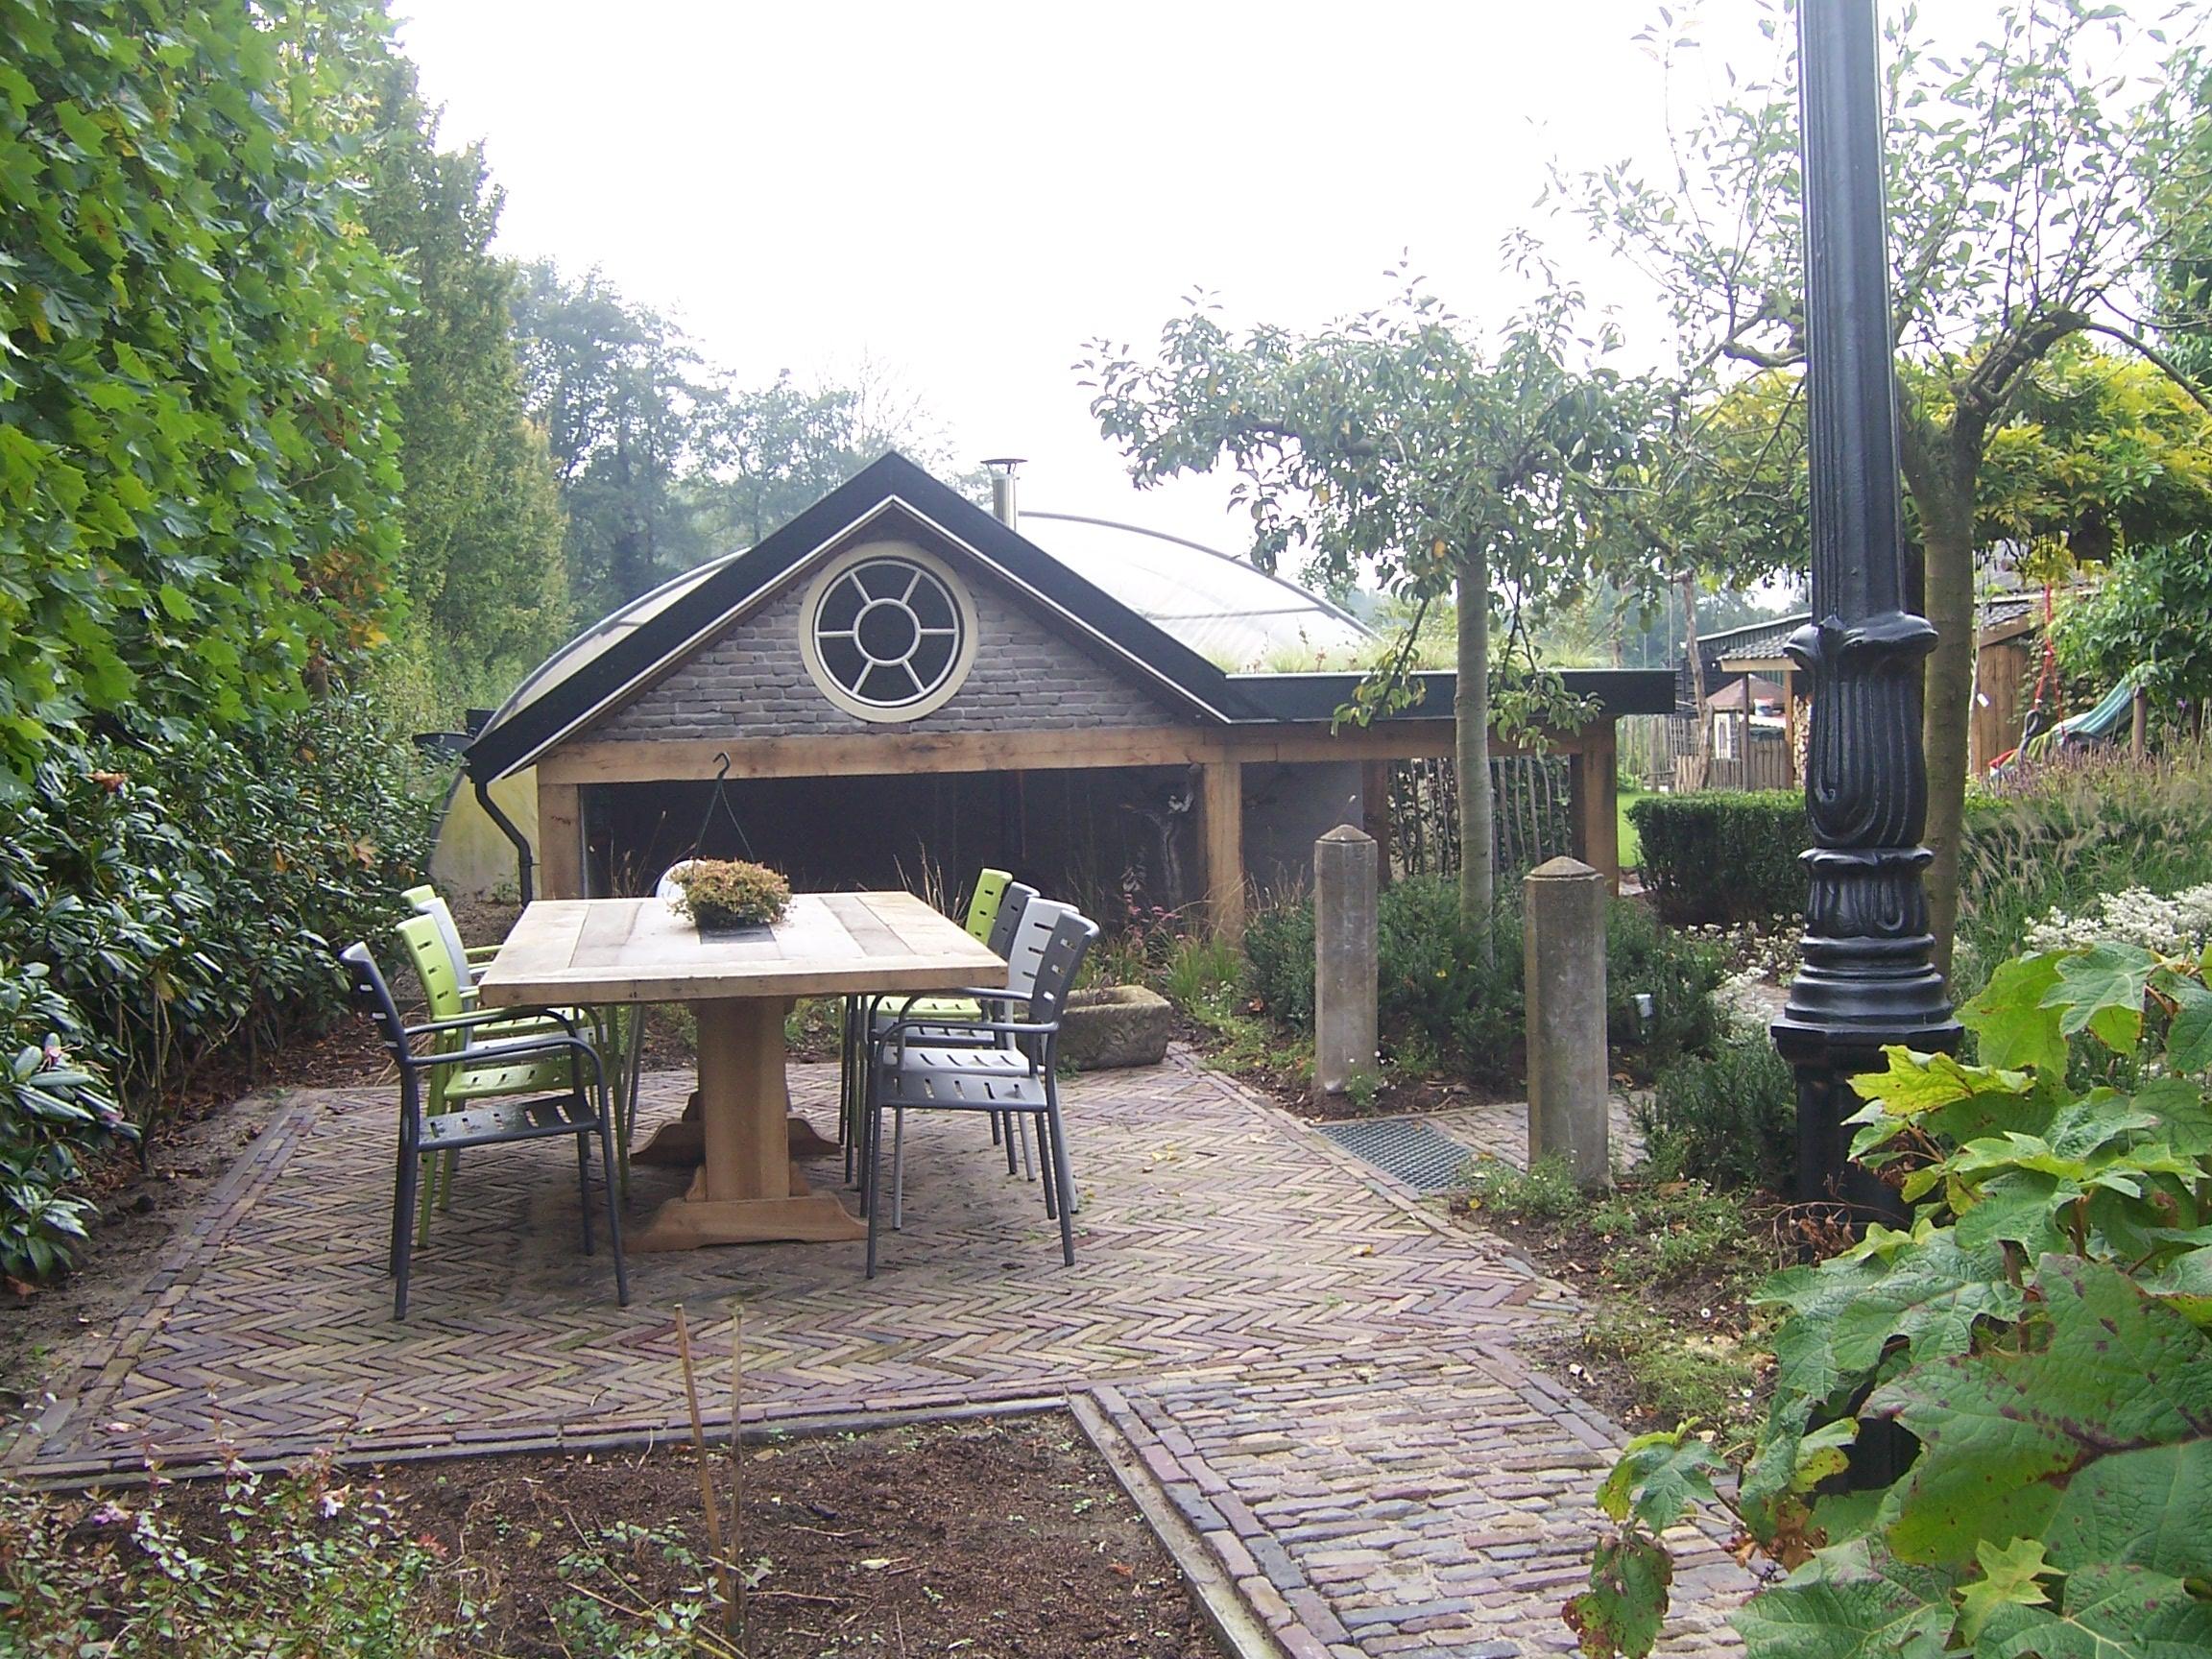 Nieuw burgelaar bekijk onze recente tuinprojecten - Tuin ontwerp foto ...